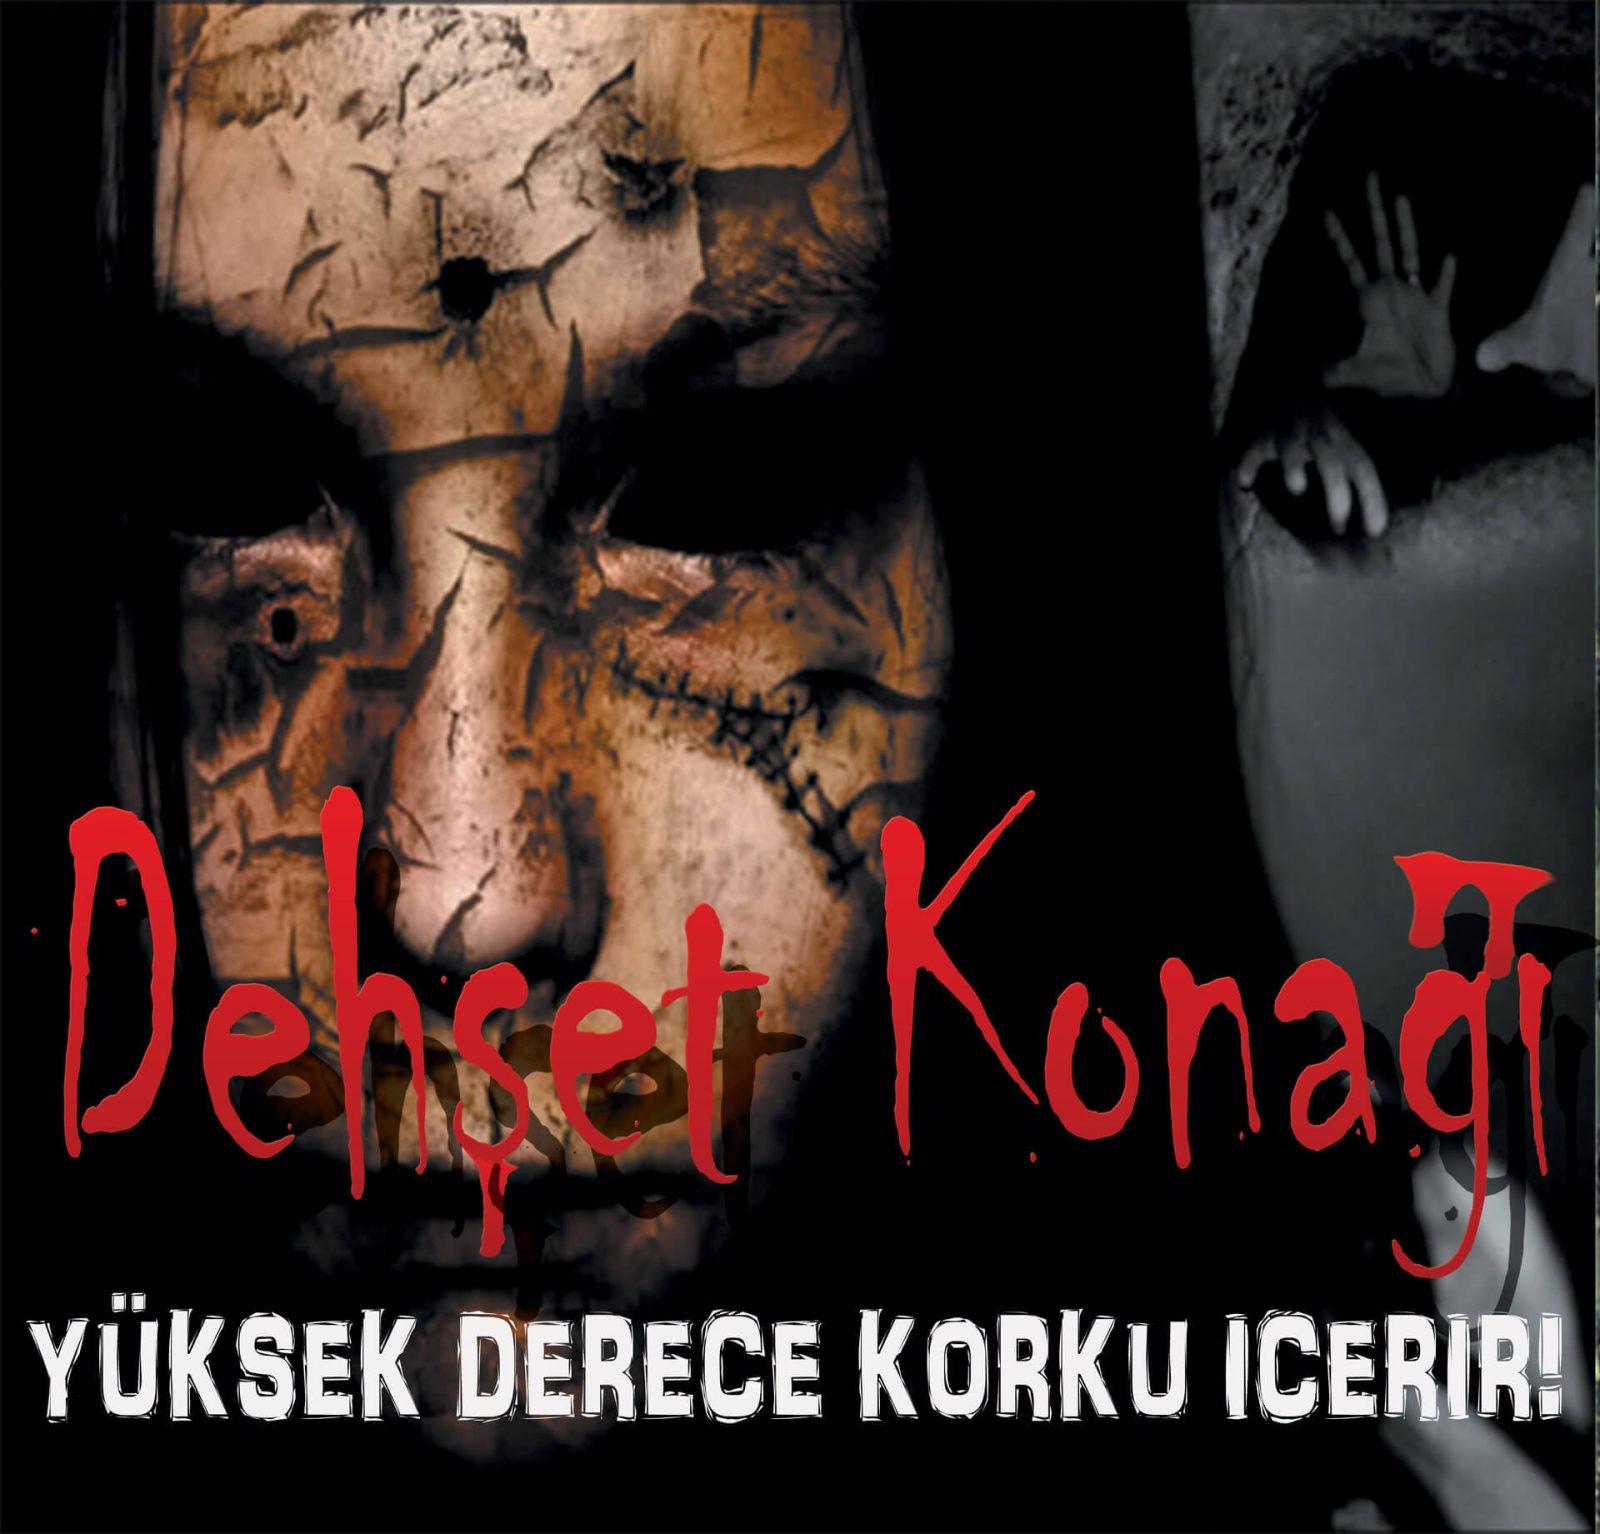 Dehşet Konağı - İstanbul - Korku Evi ve Gerçek Evden Kaçış Oyunu